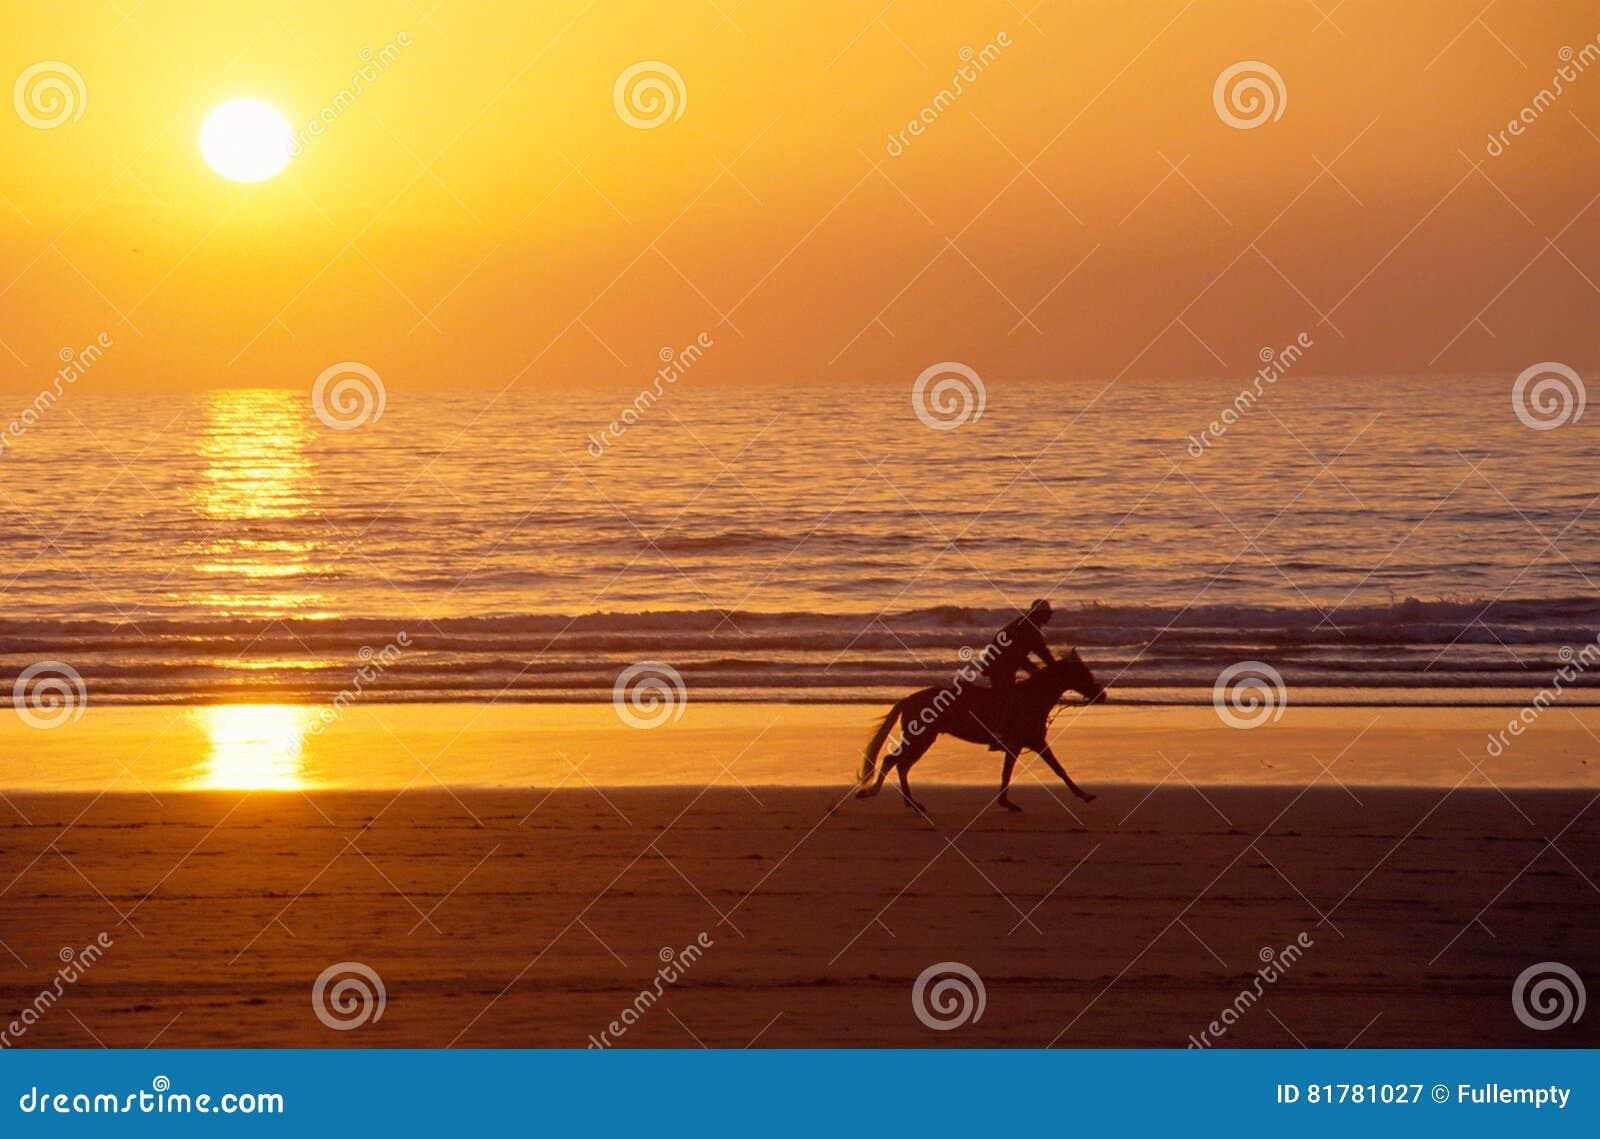 galoppierendes pferd und reiter bei sonnenuntergang auf sand setzen auf den strand stockbild. Black Bedroom Furniture Sets. Home Design Ideas